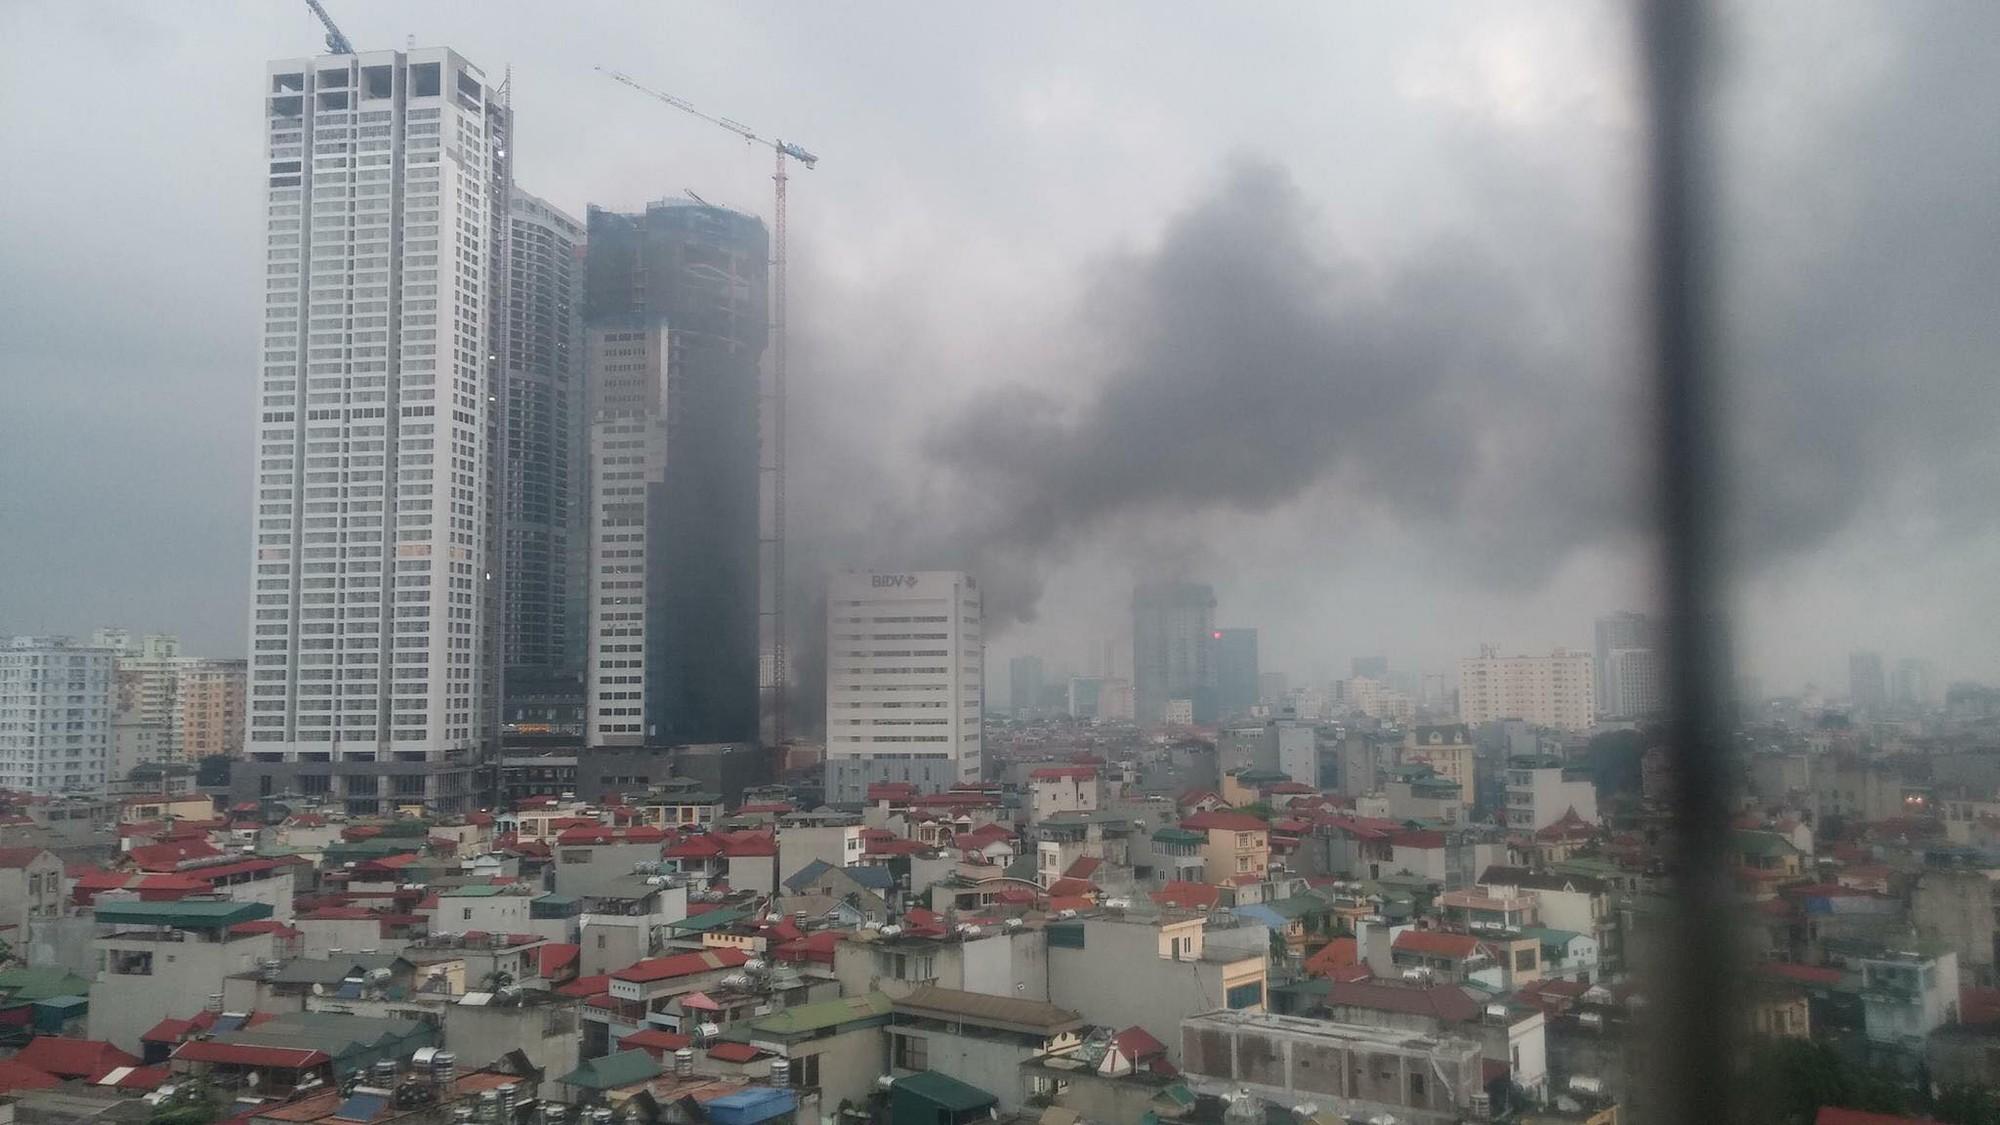 Khói đen kín trời từ tòa nhà đang xây dựng ở Hà Nội, nhiều người hoảng hốt 3